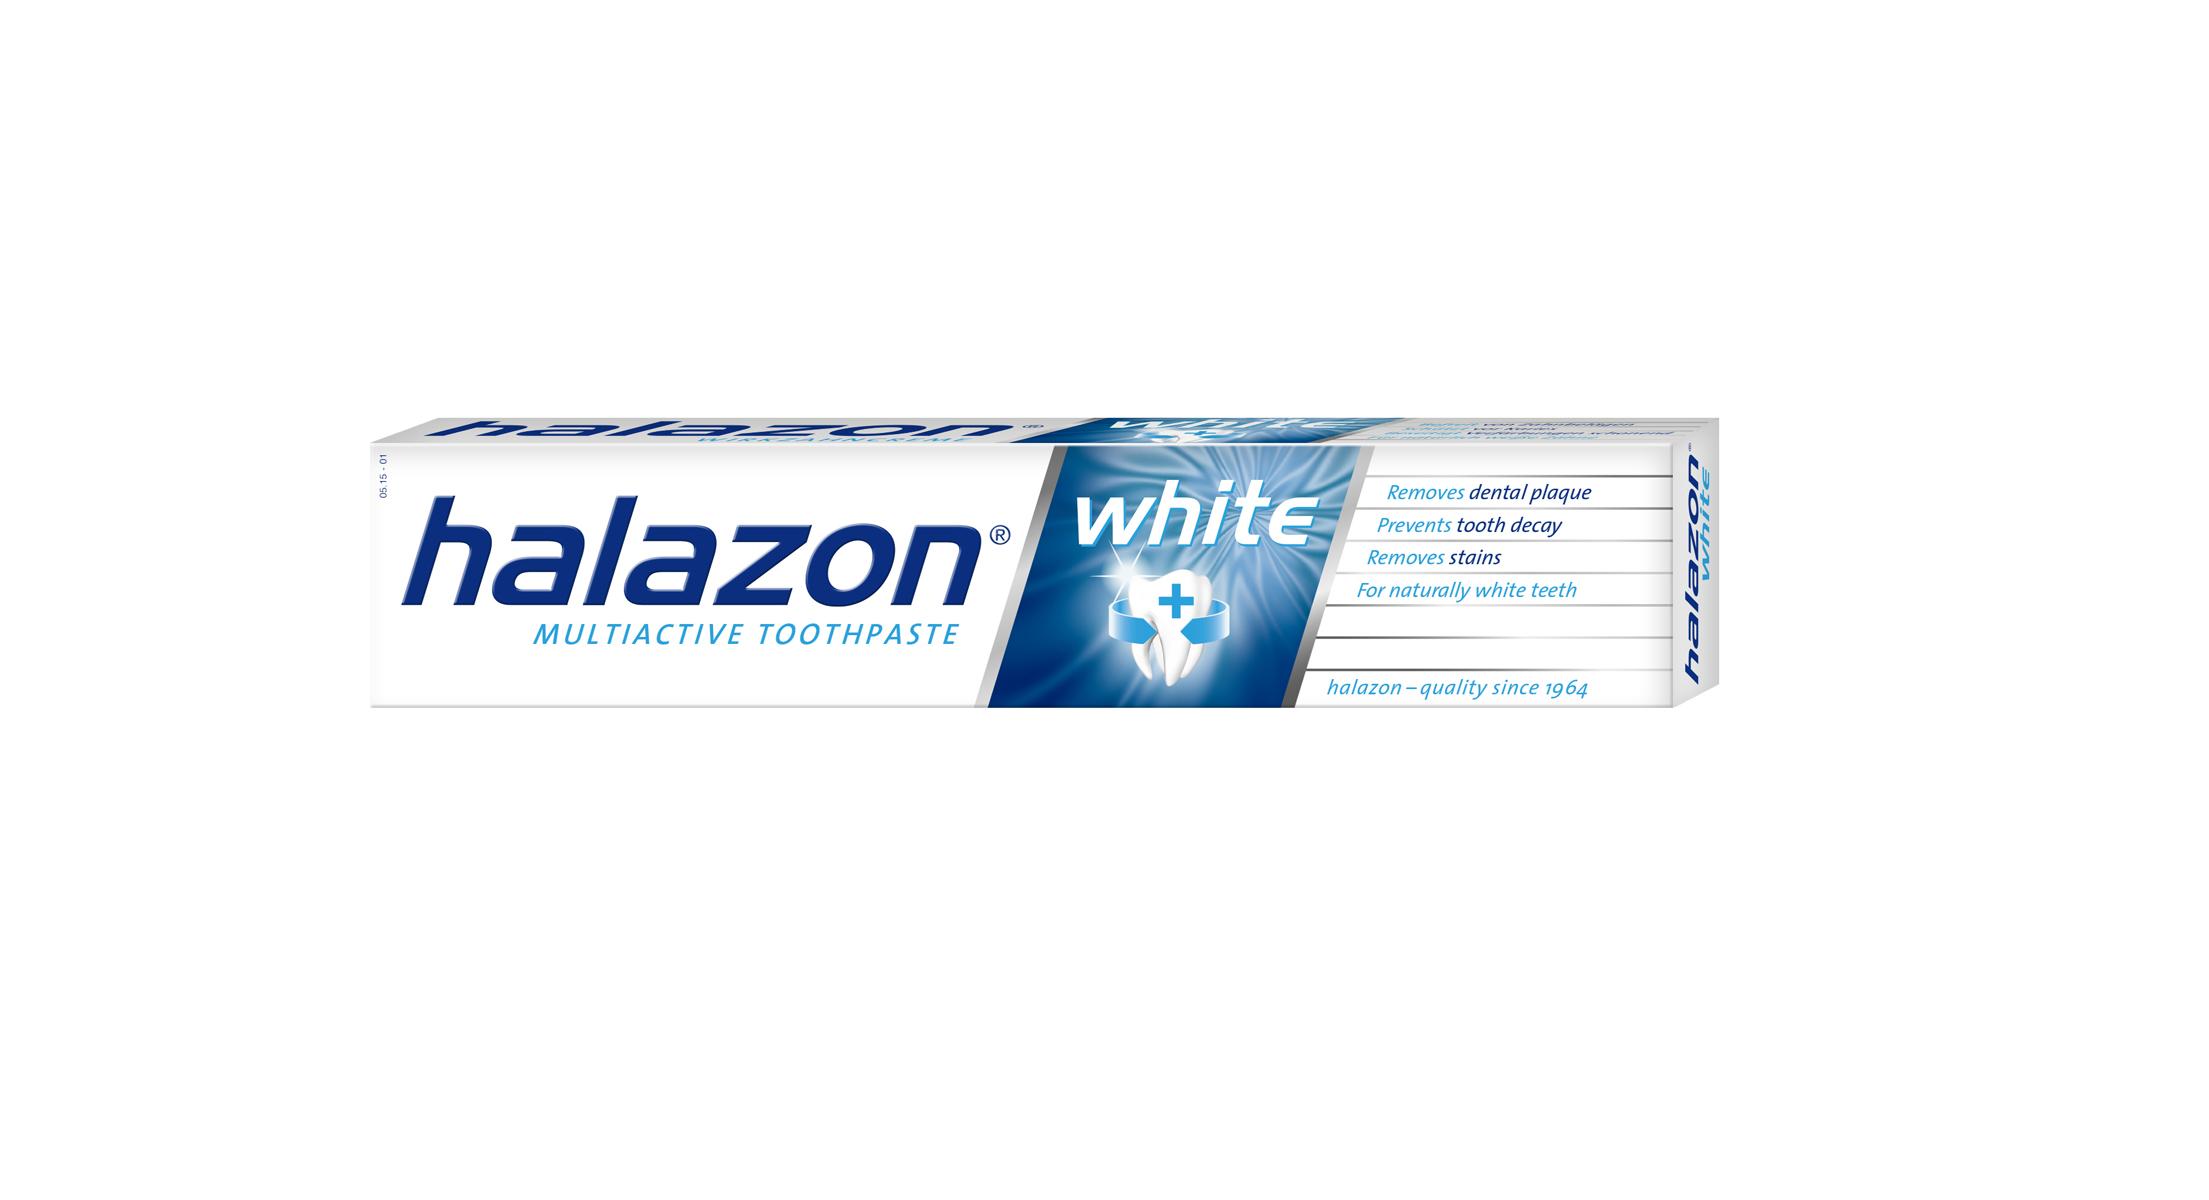 One Drop Only Отбеливающая зубная паста Halazon White для тщательного и щадящего удаления зубного налета, 75mlH12WОтбеливающая зубная паста Halazon White для тщательного и щадящего удаления зубного налета